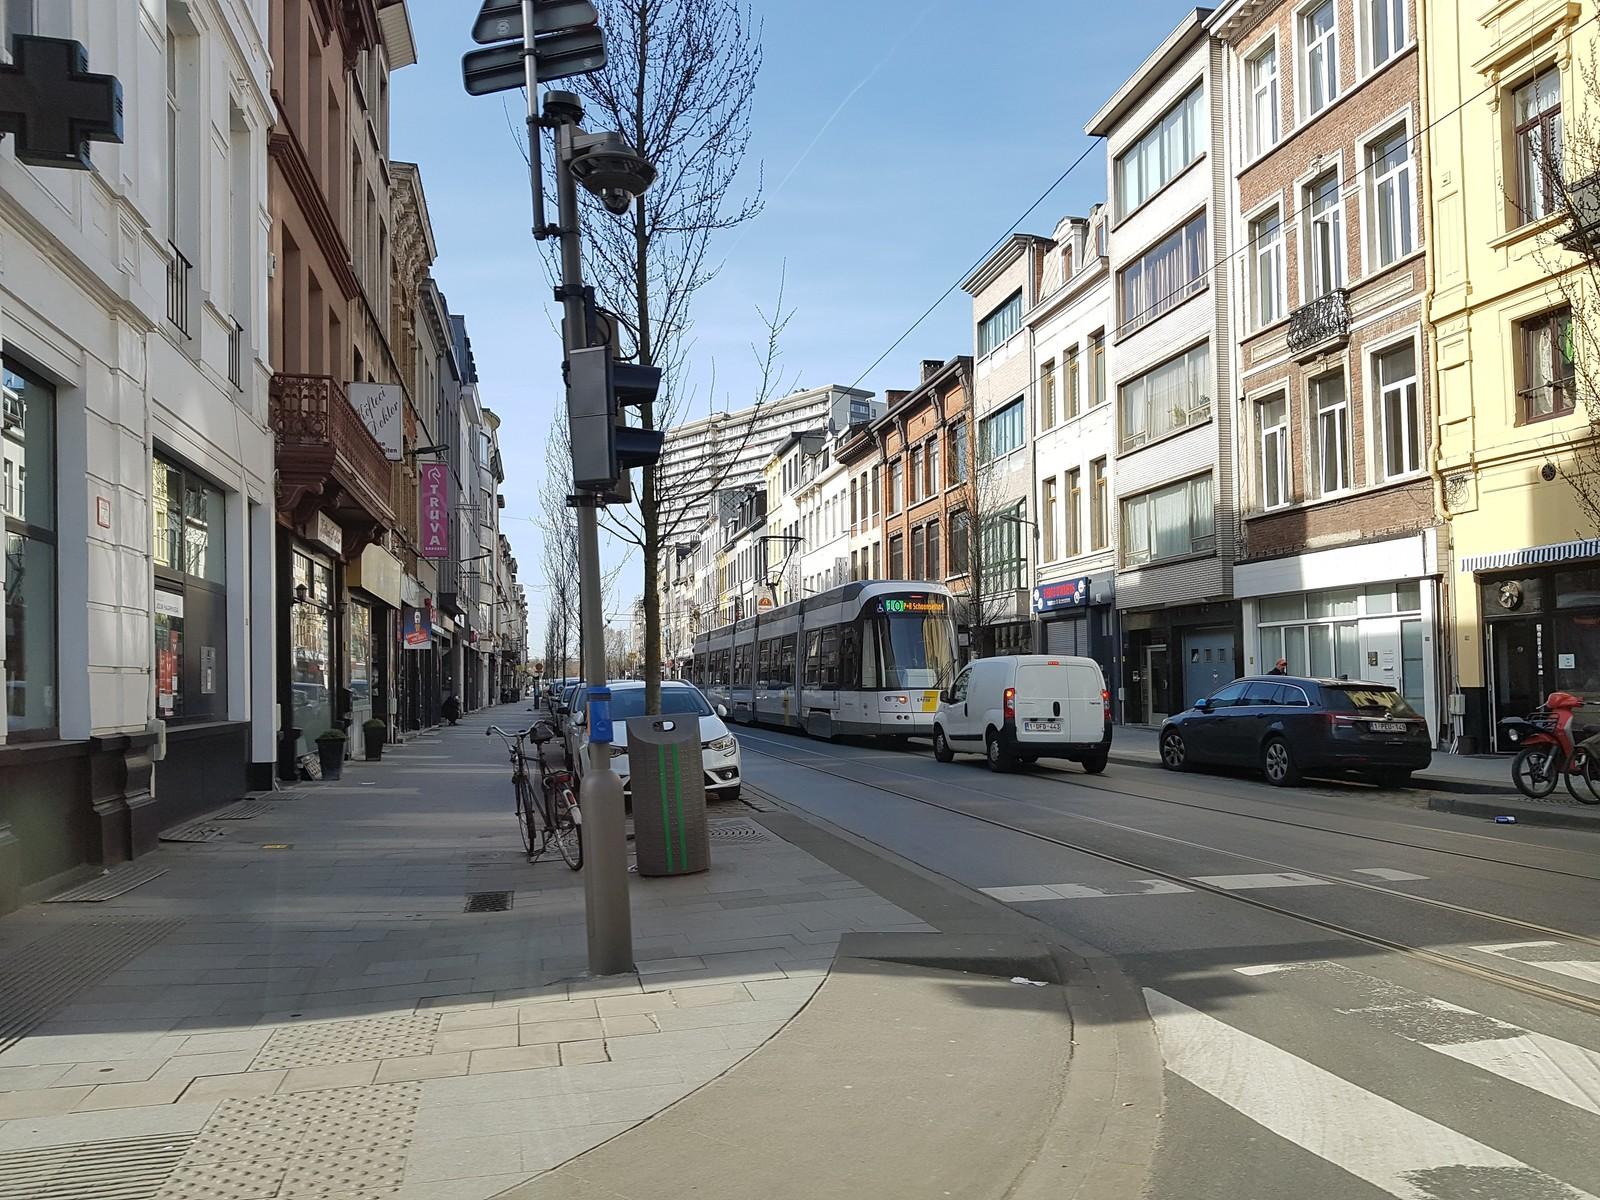 Сколько стоит жилье в бельгии apple com дубай